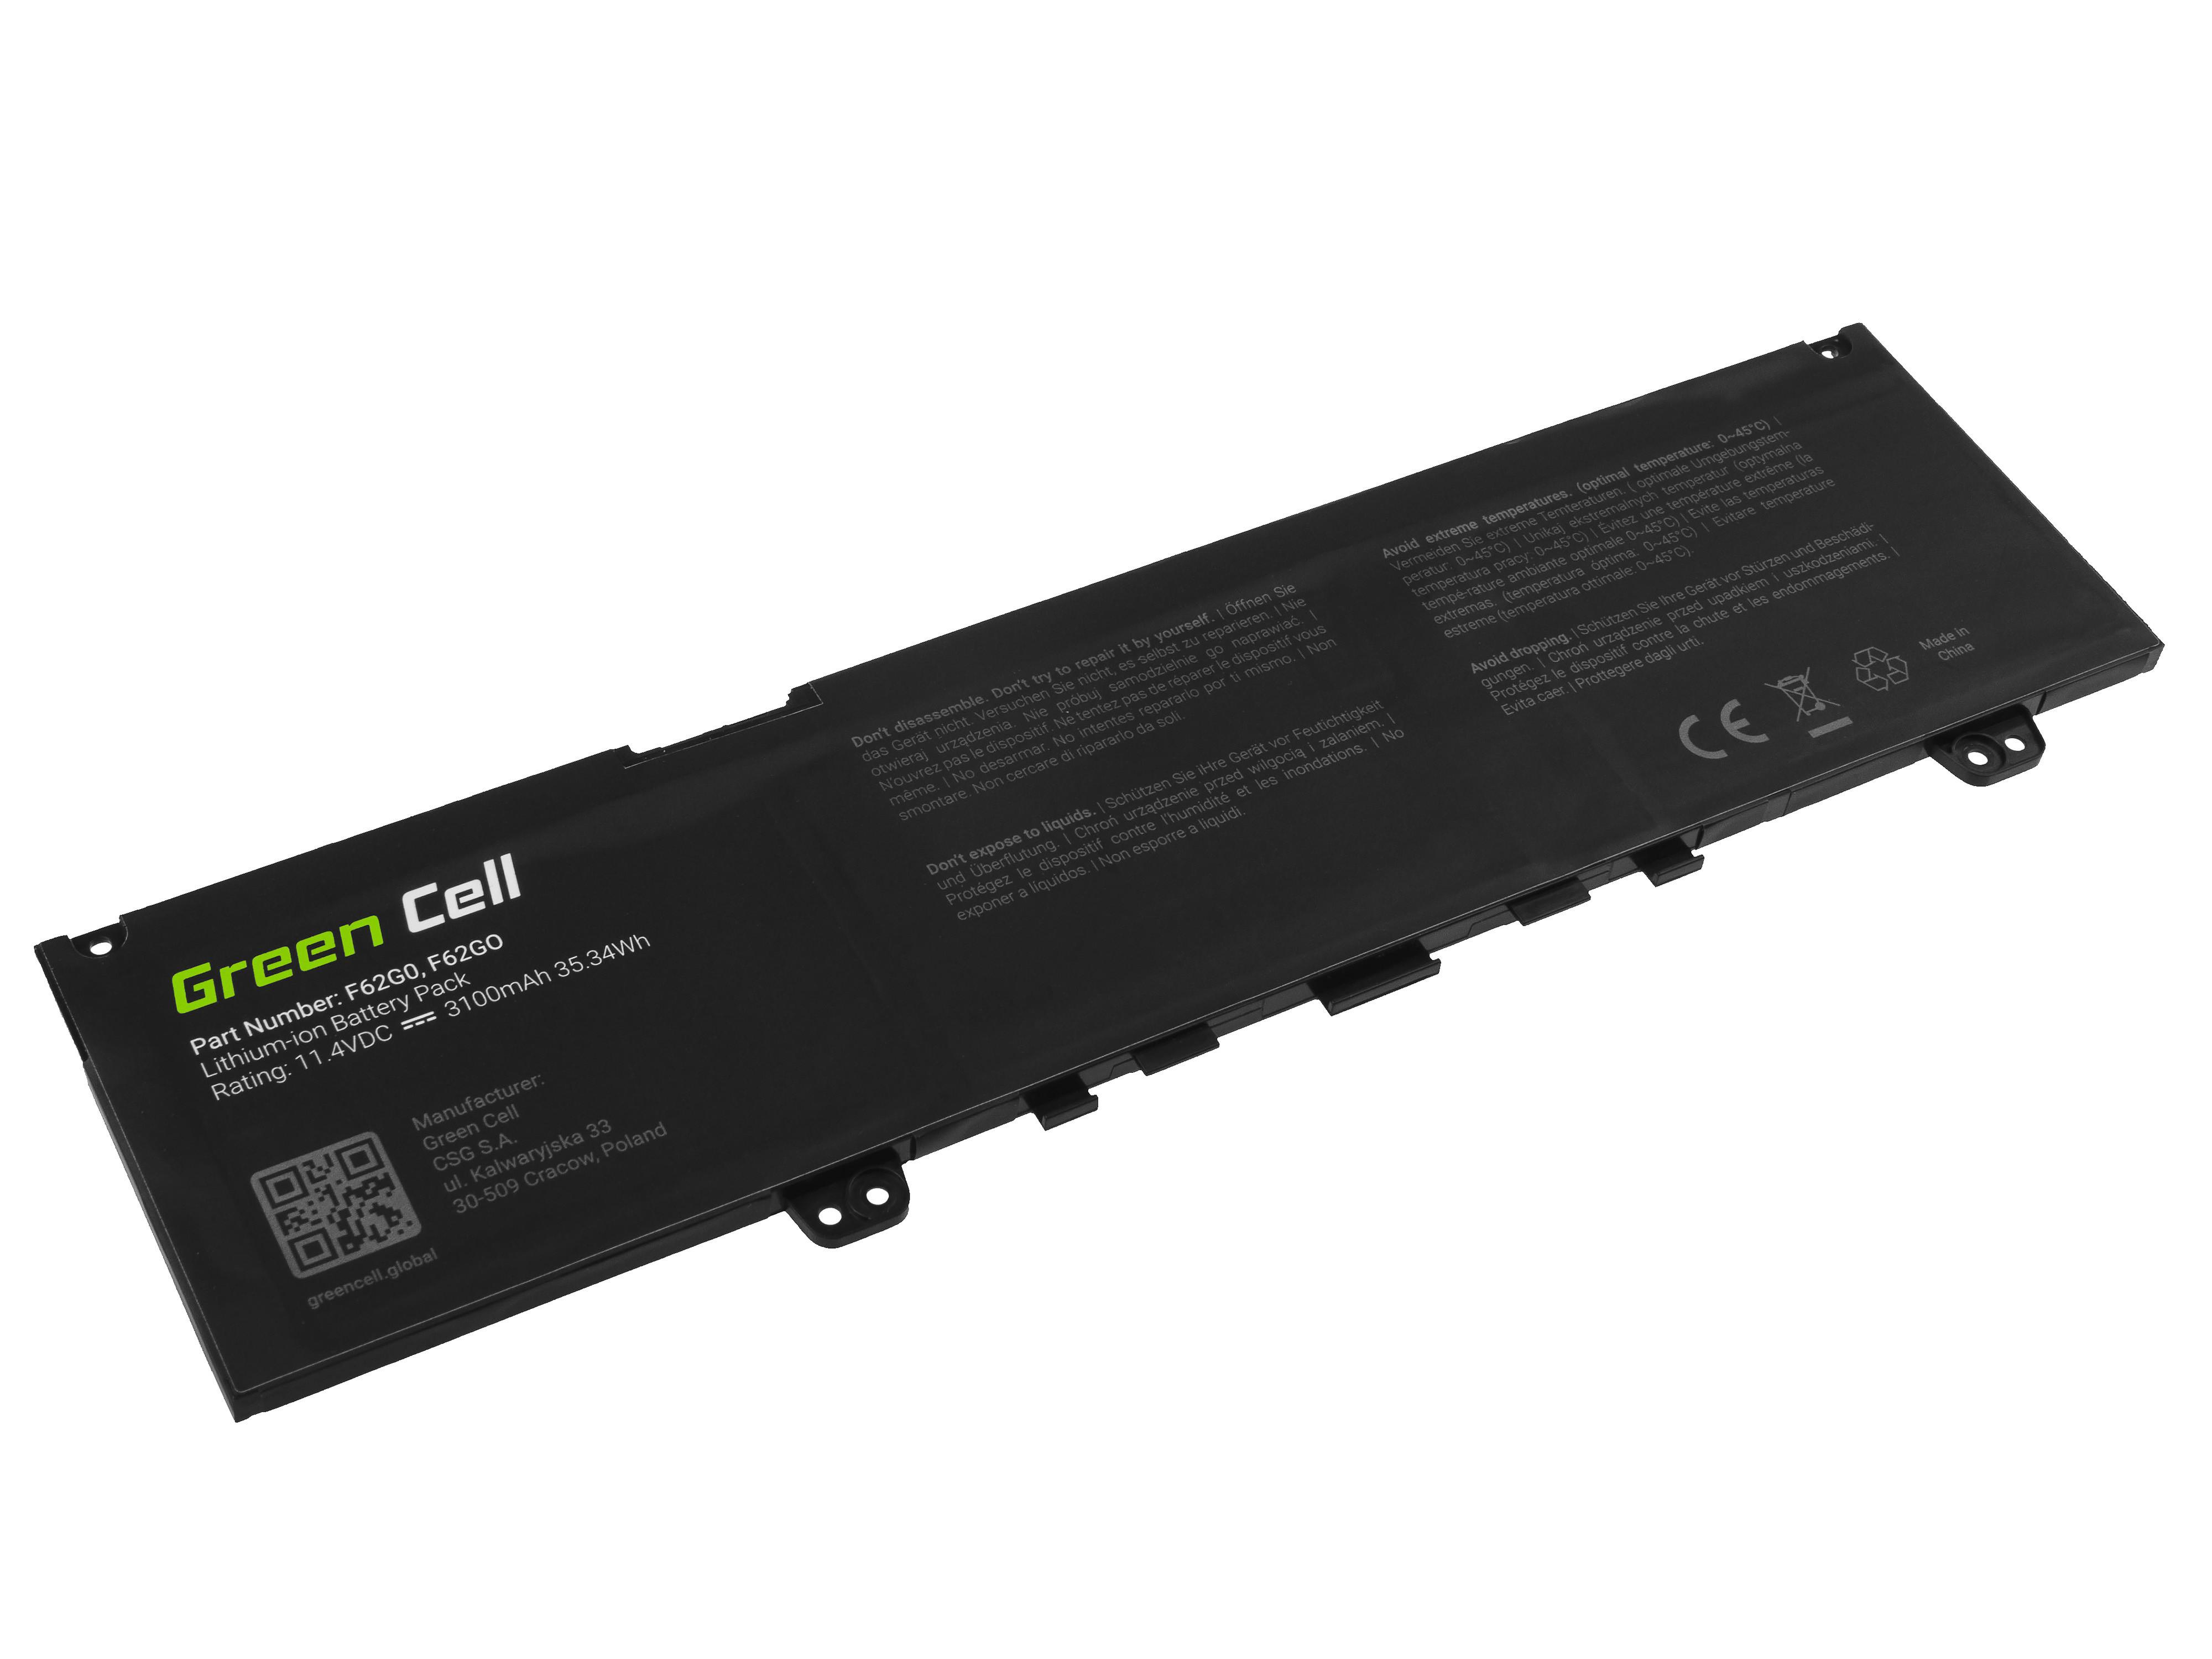 Green Cell DE144 Baterie Dell F62G0,Dell Inspiron 13 5370 7370 7373 7380 7386, Dell Vostro 5370 3100mAh Li-Pol - neoriginální